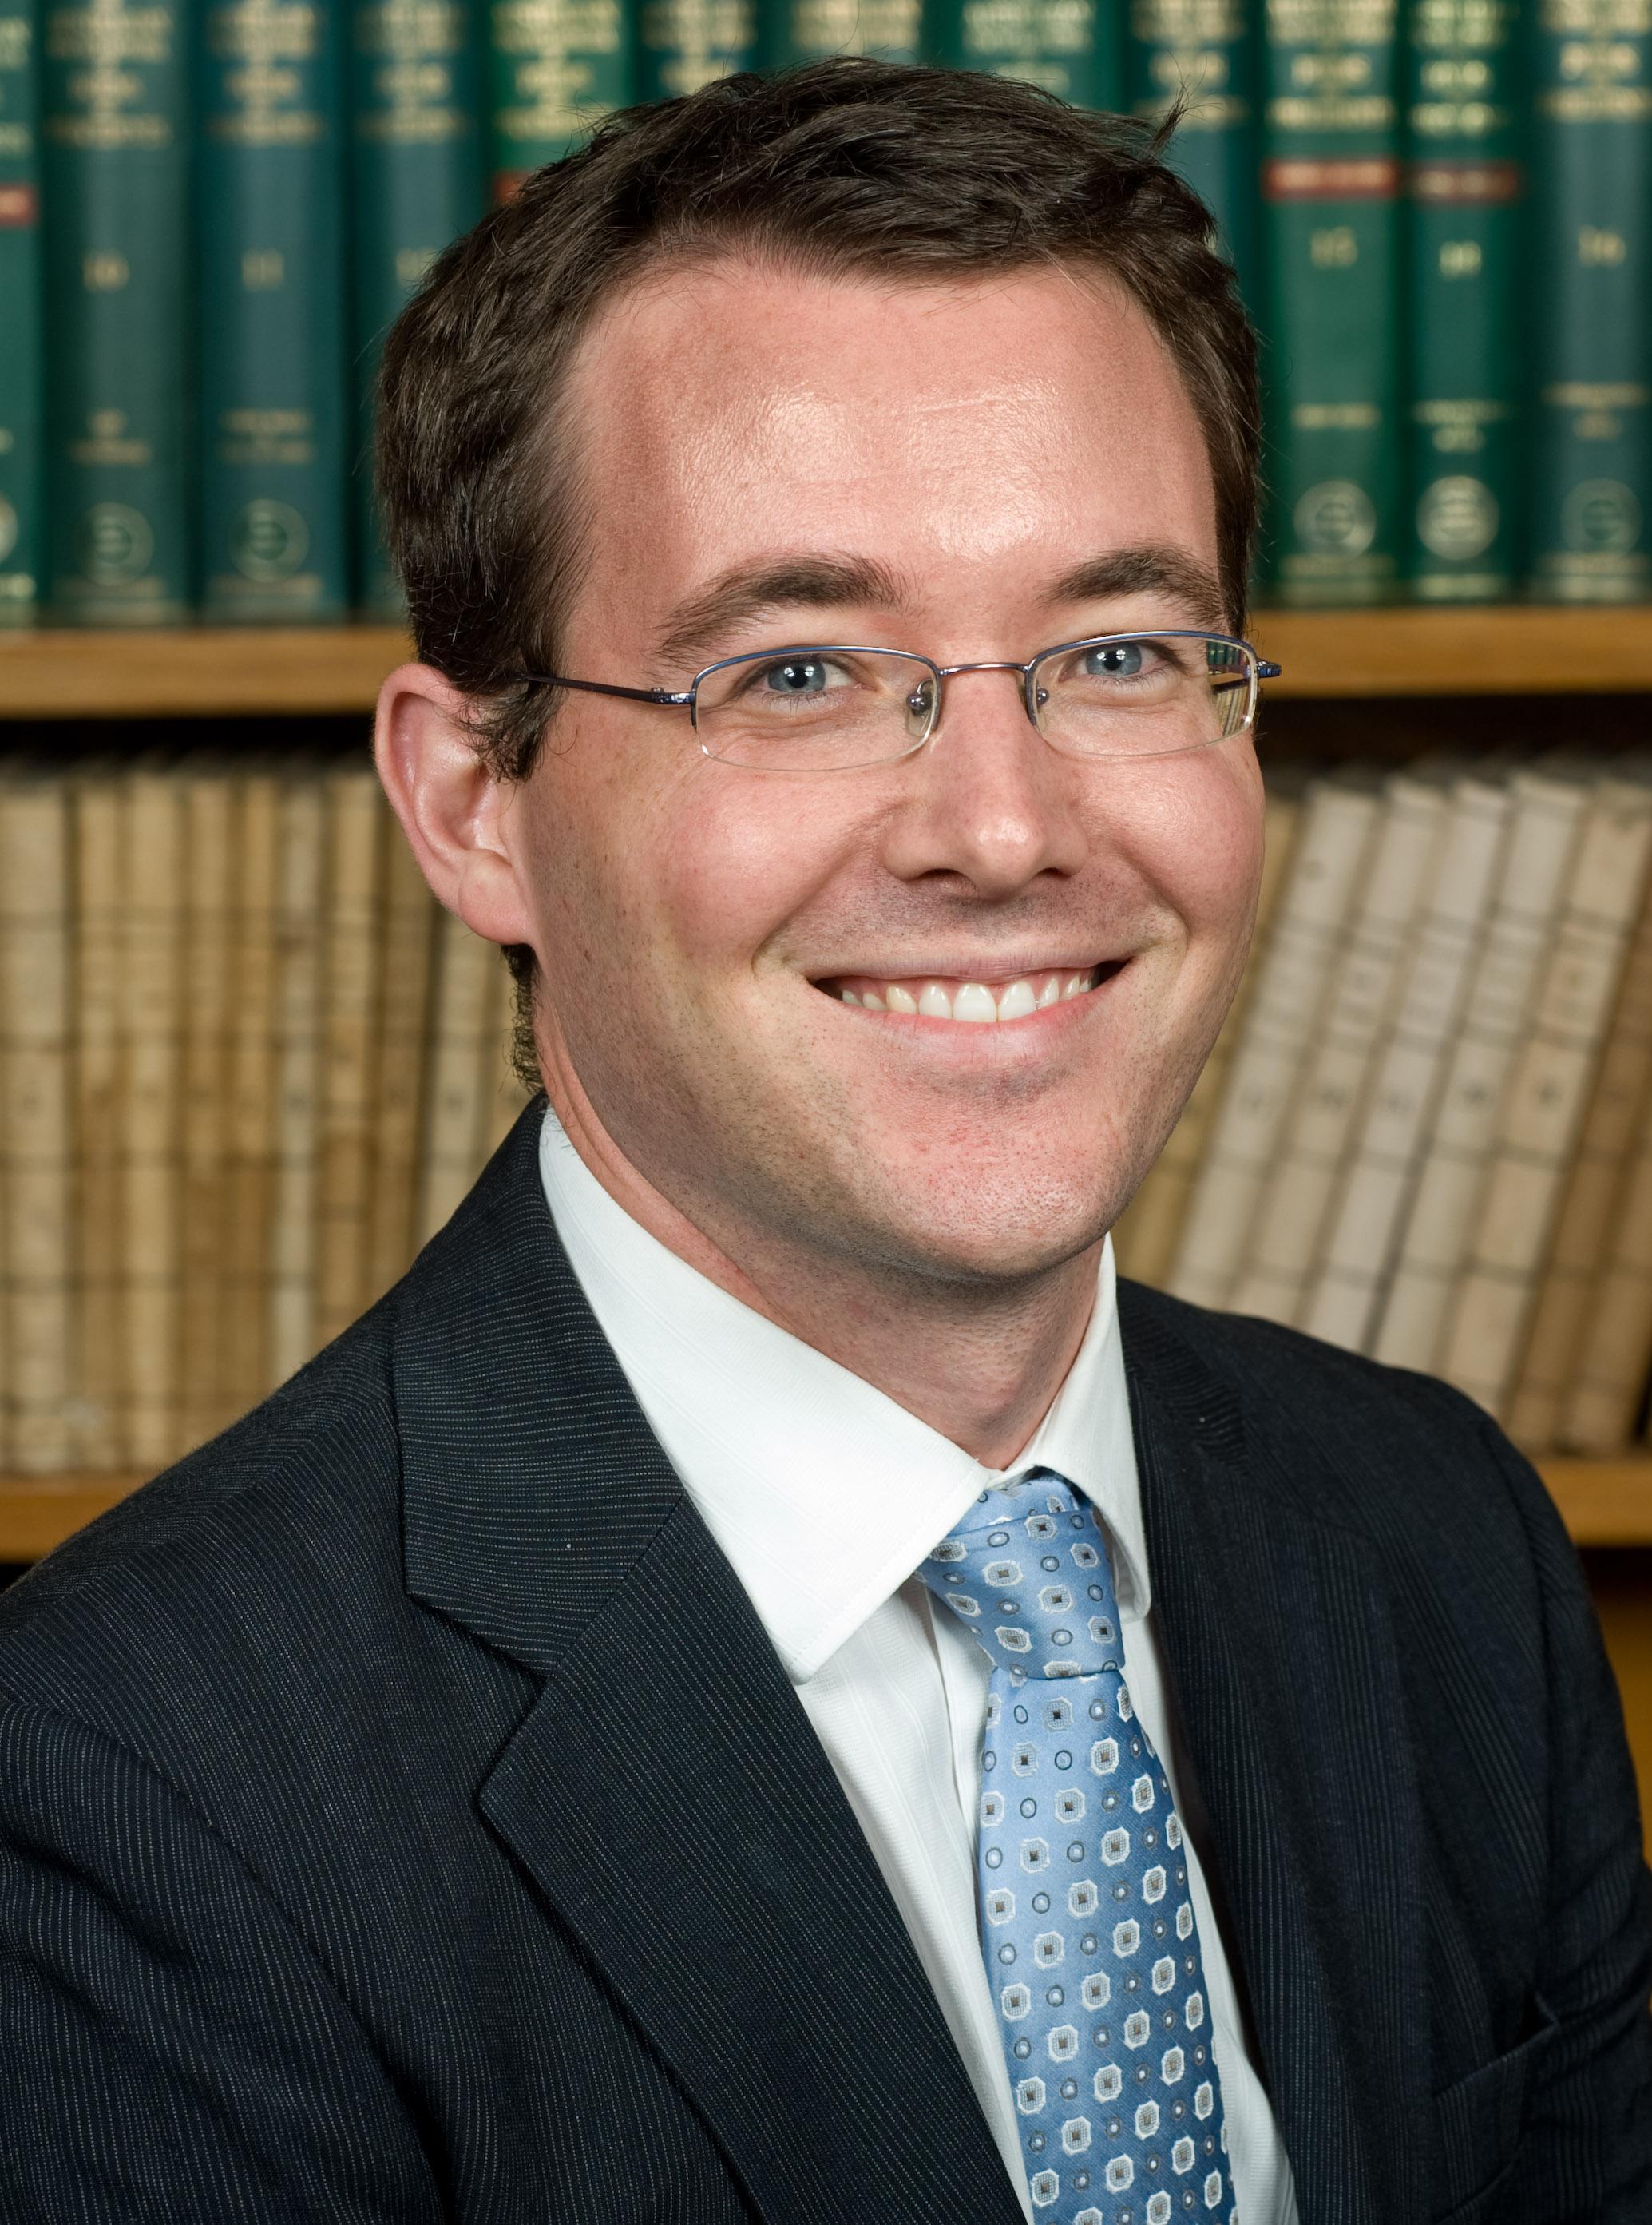 Jonathan Kirkwood, BA, LLB (Hons I) (Syd), BSc (Melb)